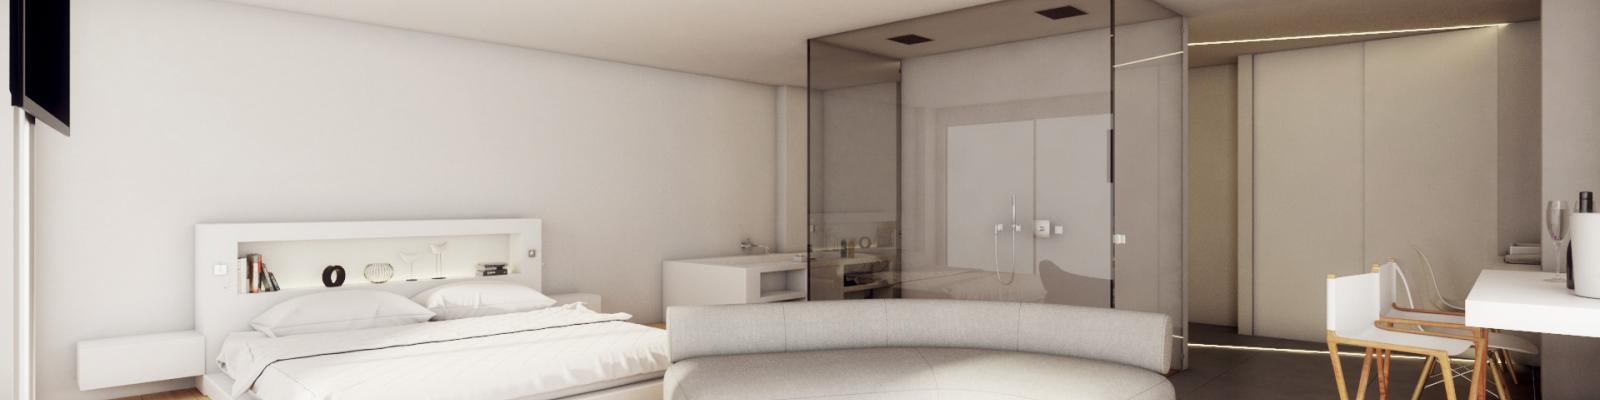 The New Algarb Hotel - All inclusive Ibiza